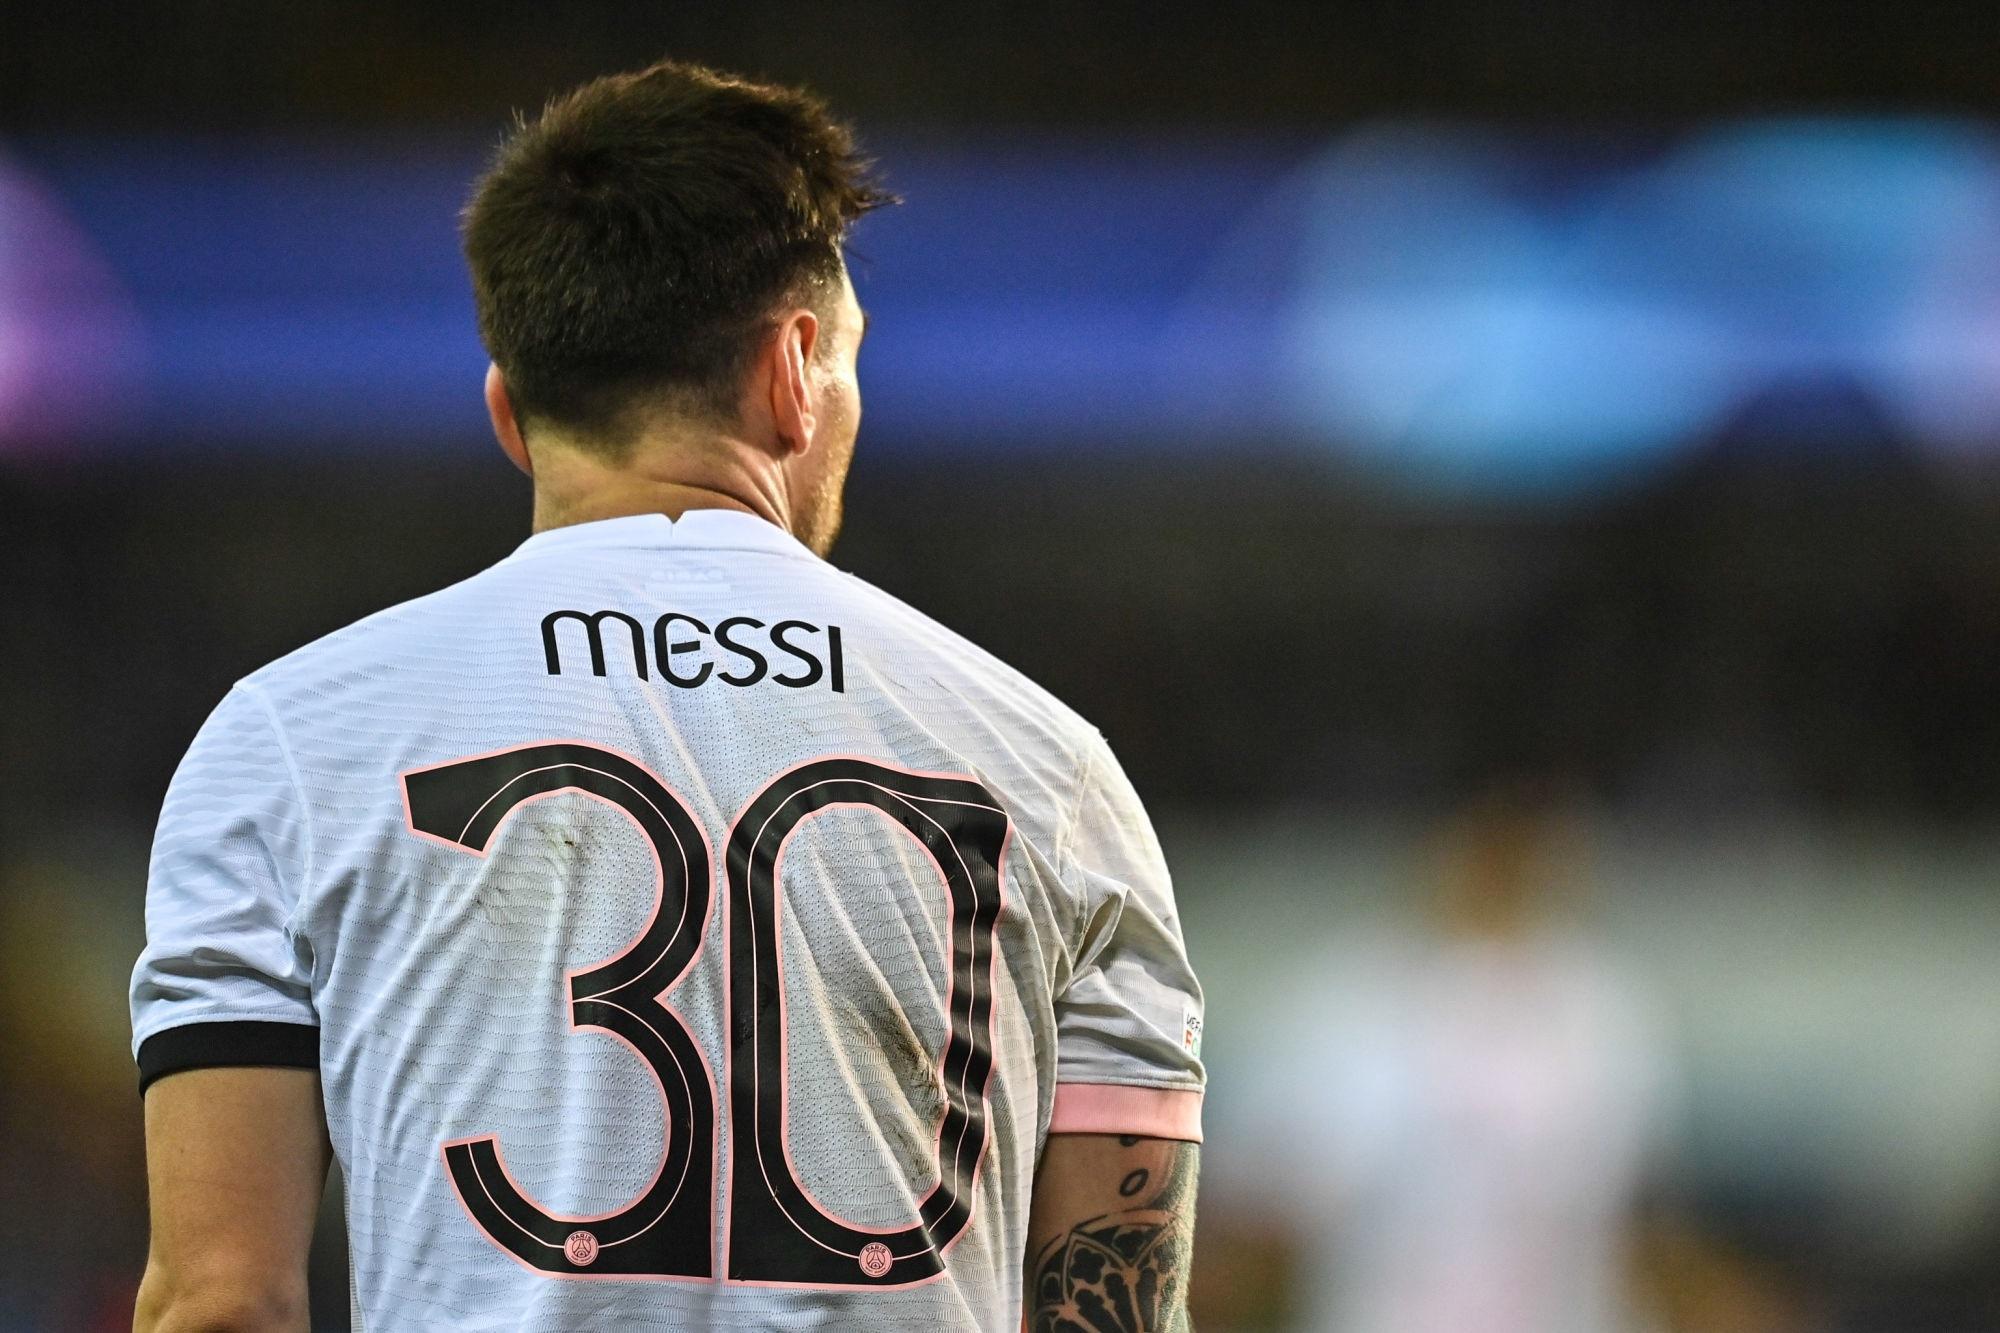 PSG/Manchester City - Messi et Verratti à l'entraînement avec le groupe ce dimanche